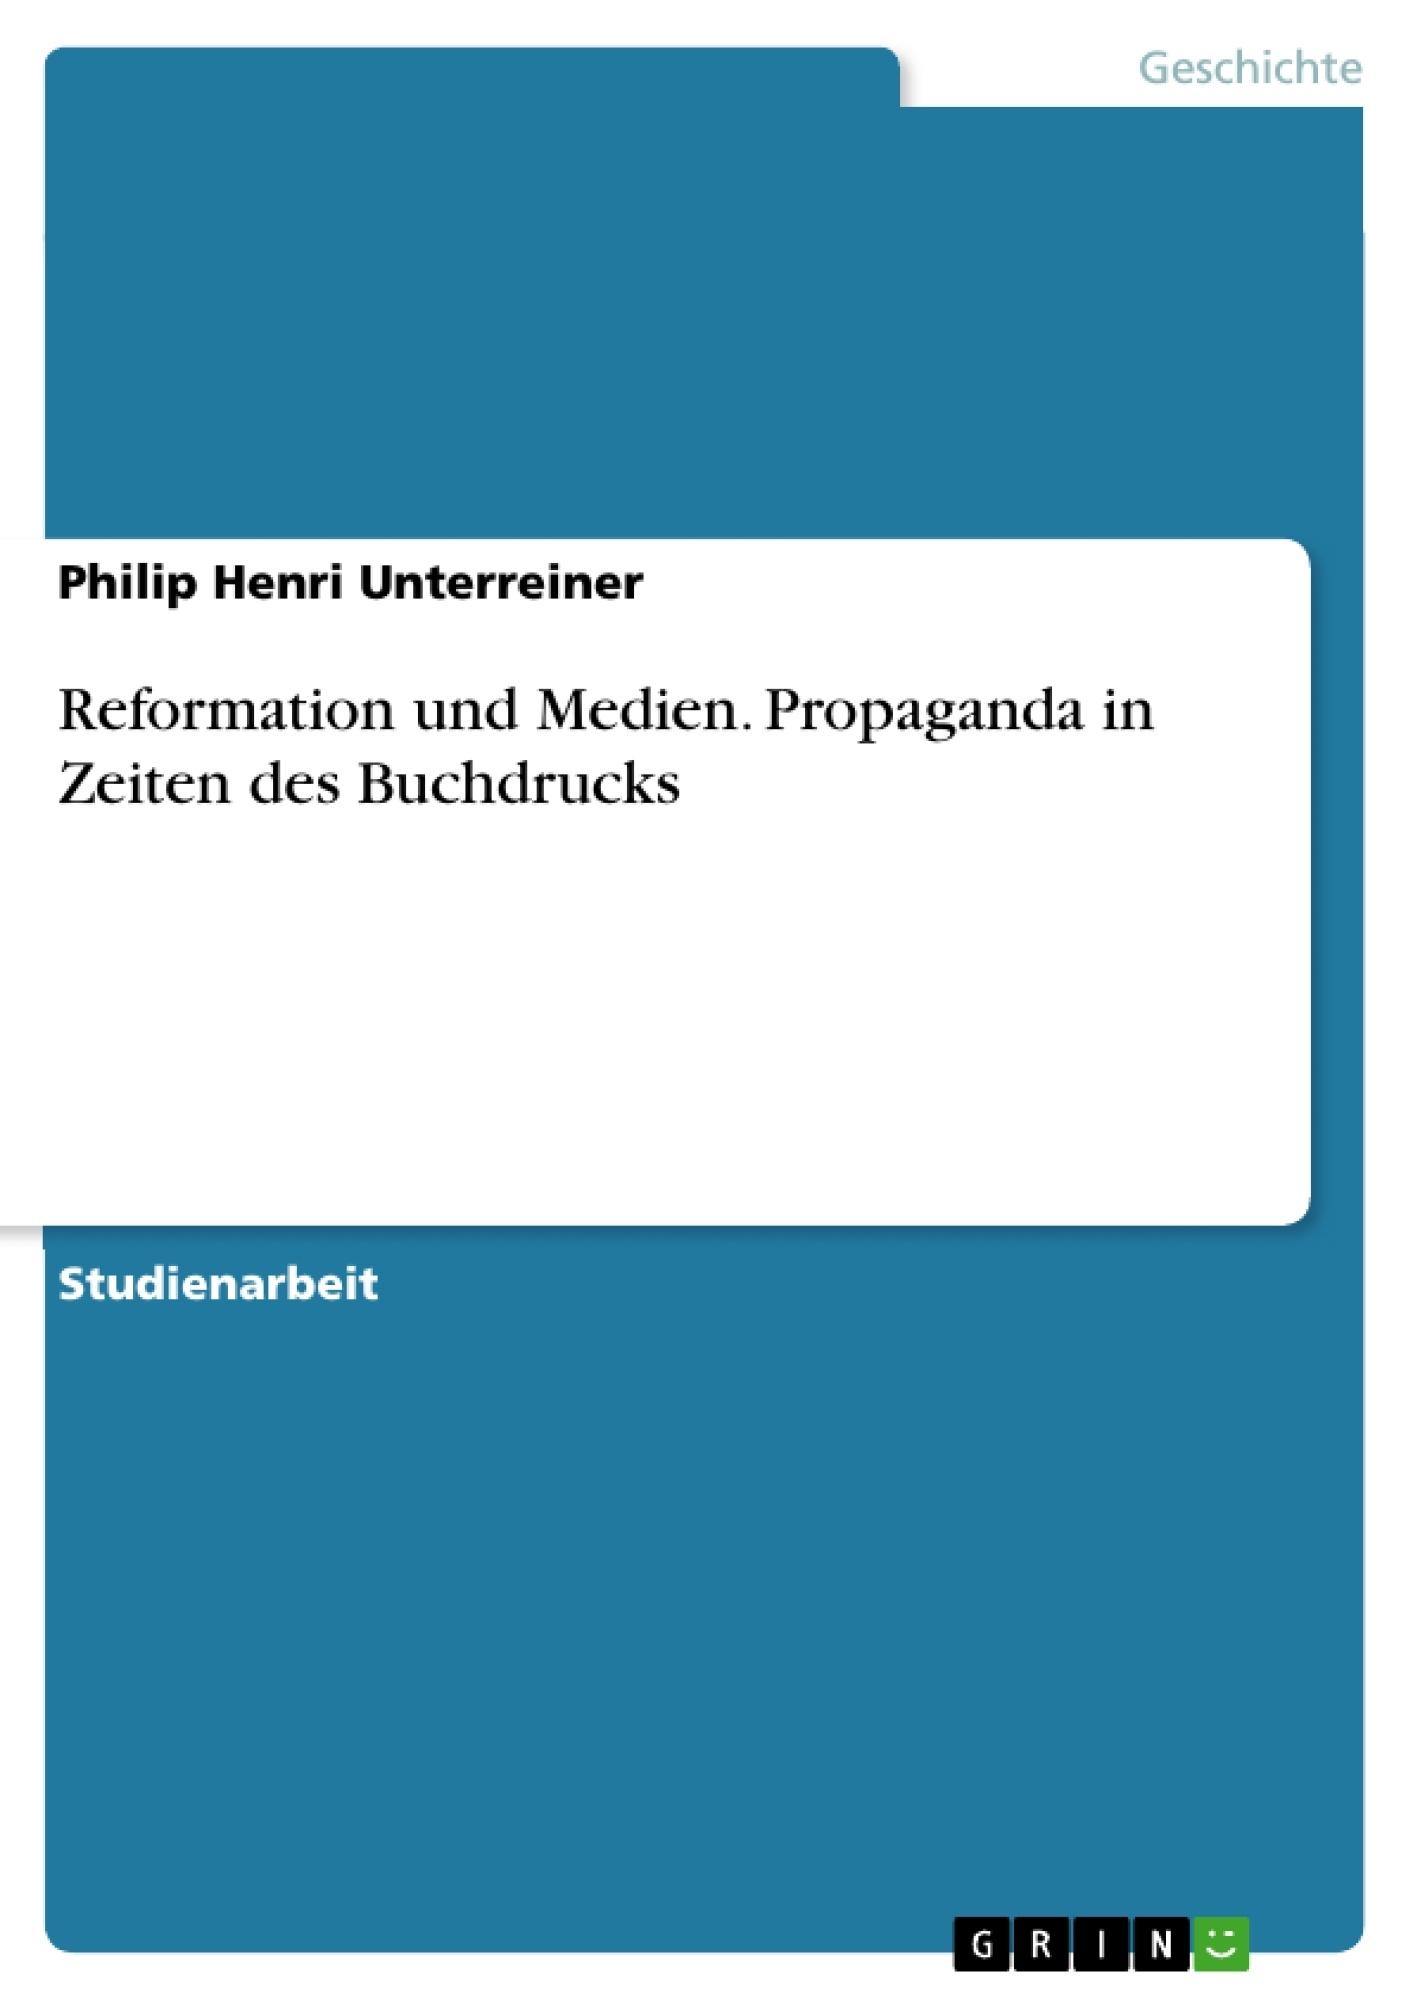 Titel: Reformation und Medien. Propaganda in Zeiten des Buchdrucks